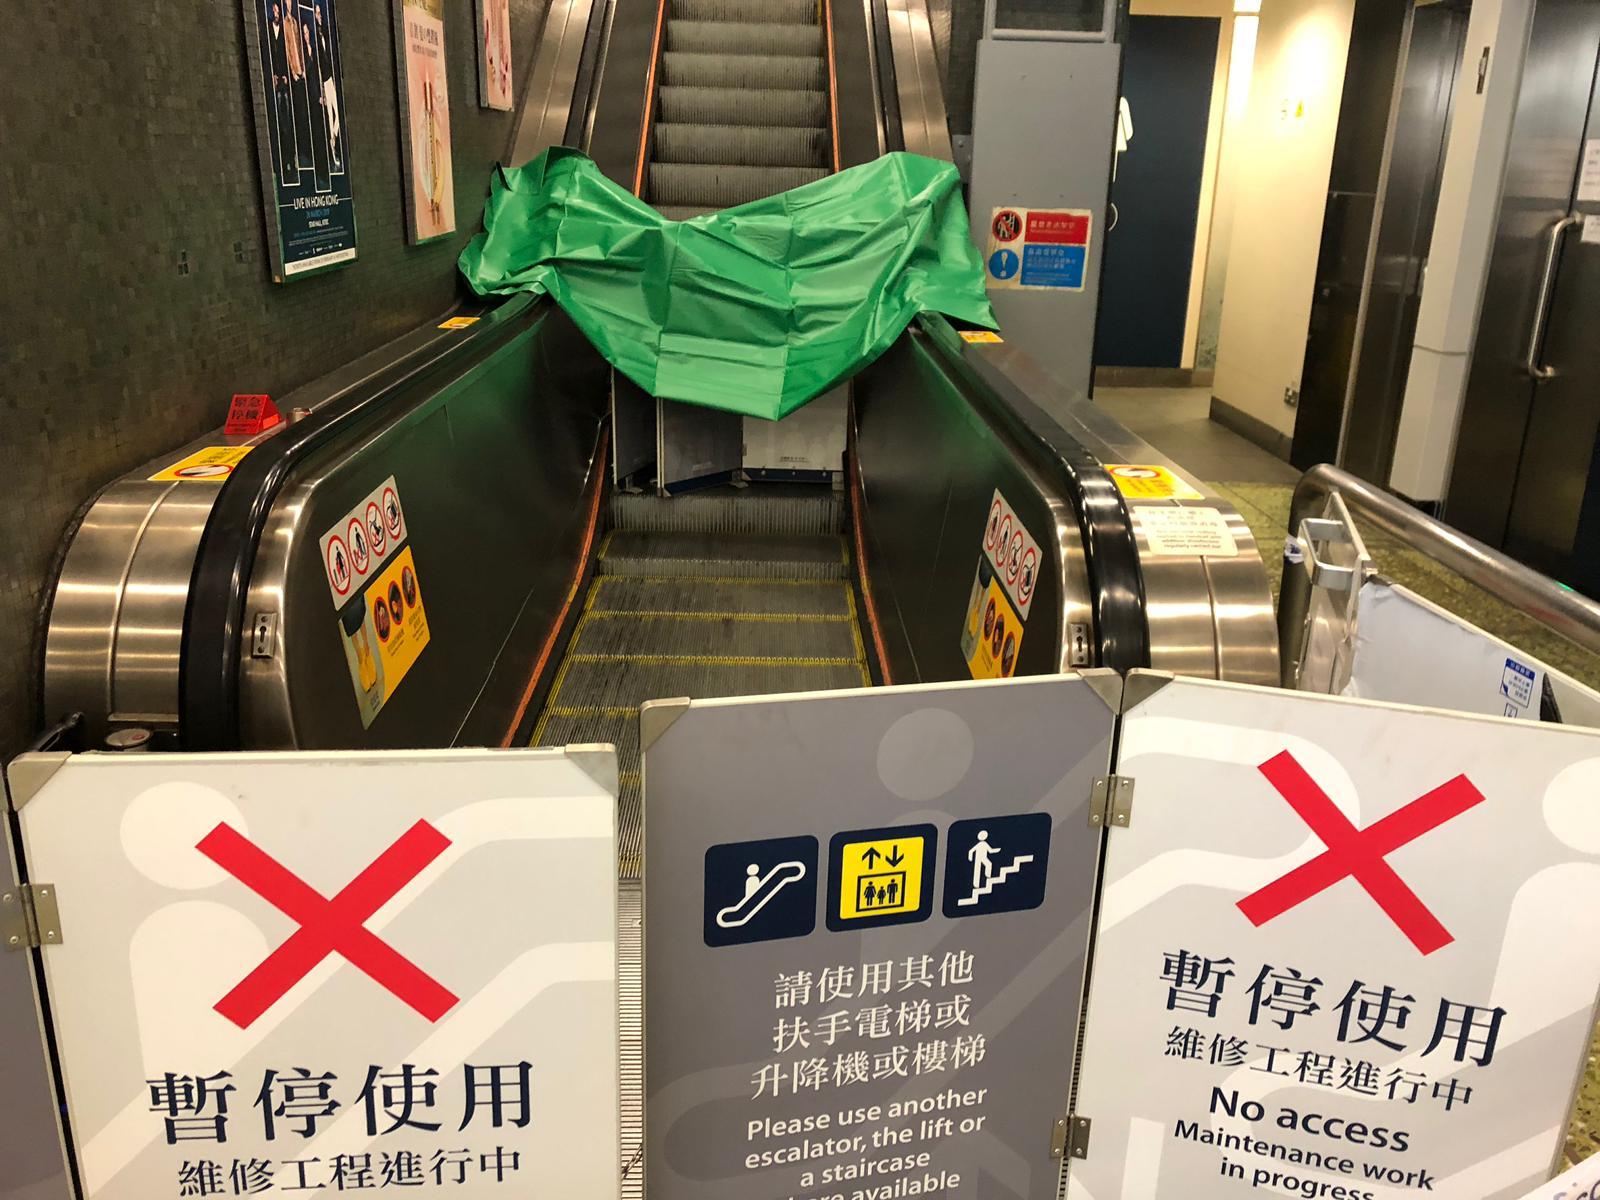 涉事電梯已被封閉。